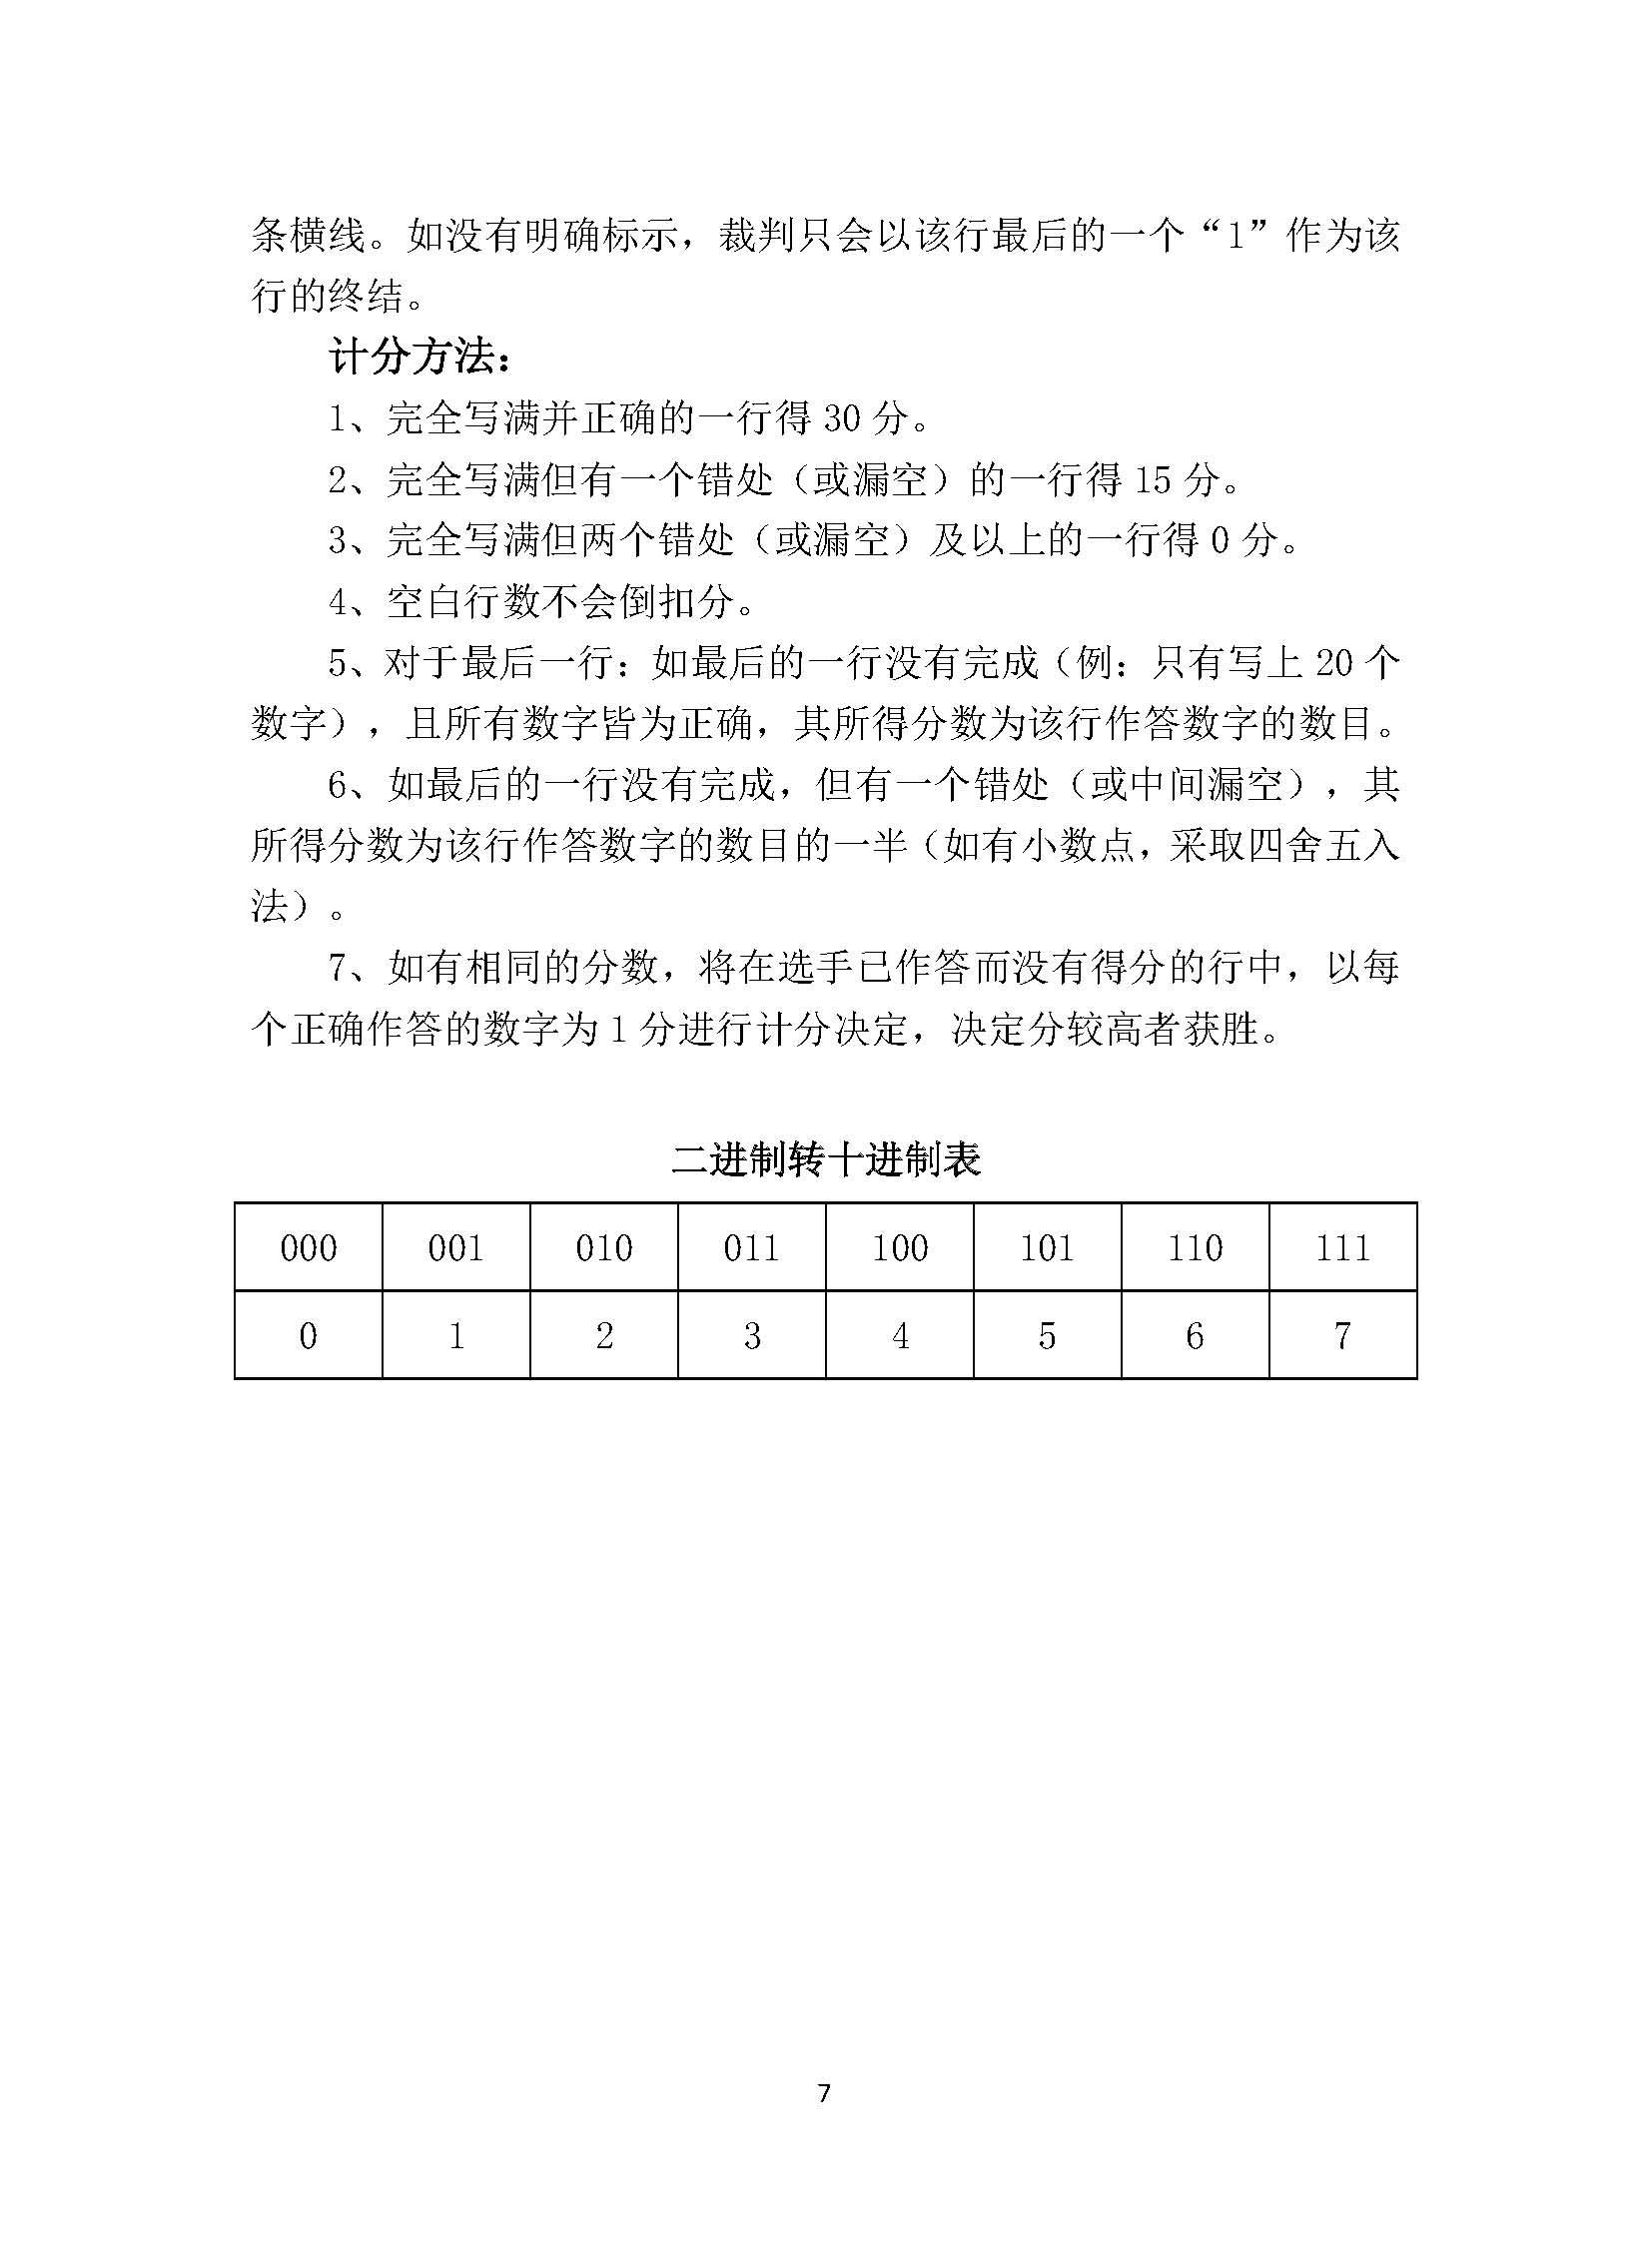 2019WMC选手训练手册-十大项目规则_页面_07